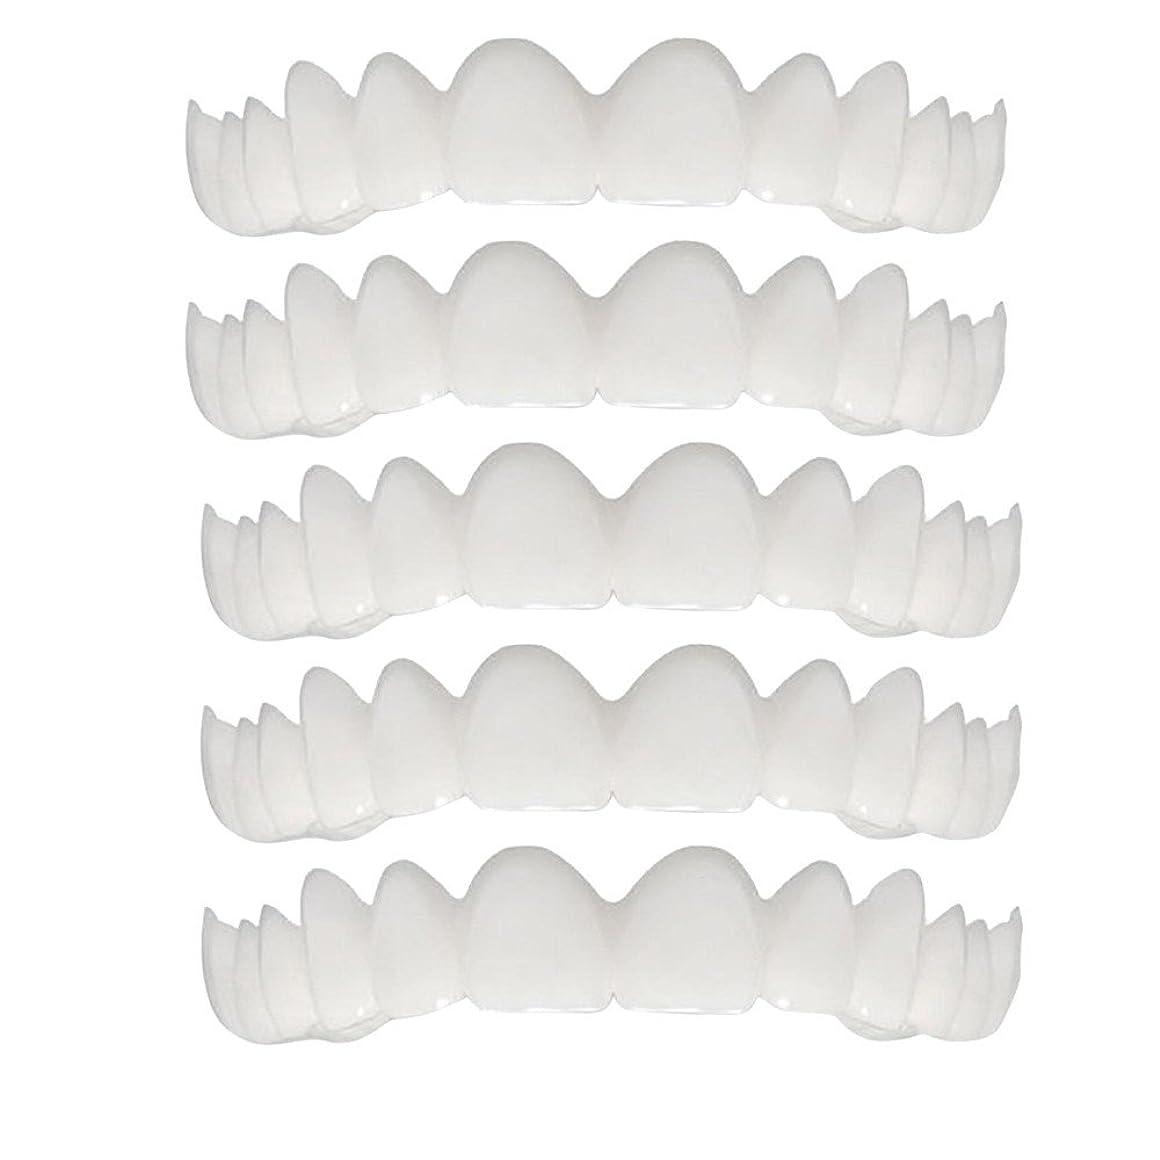 相互接続レース改善シリコーンシミュレーション歯ホワイトニングブレース(5個),A